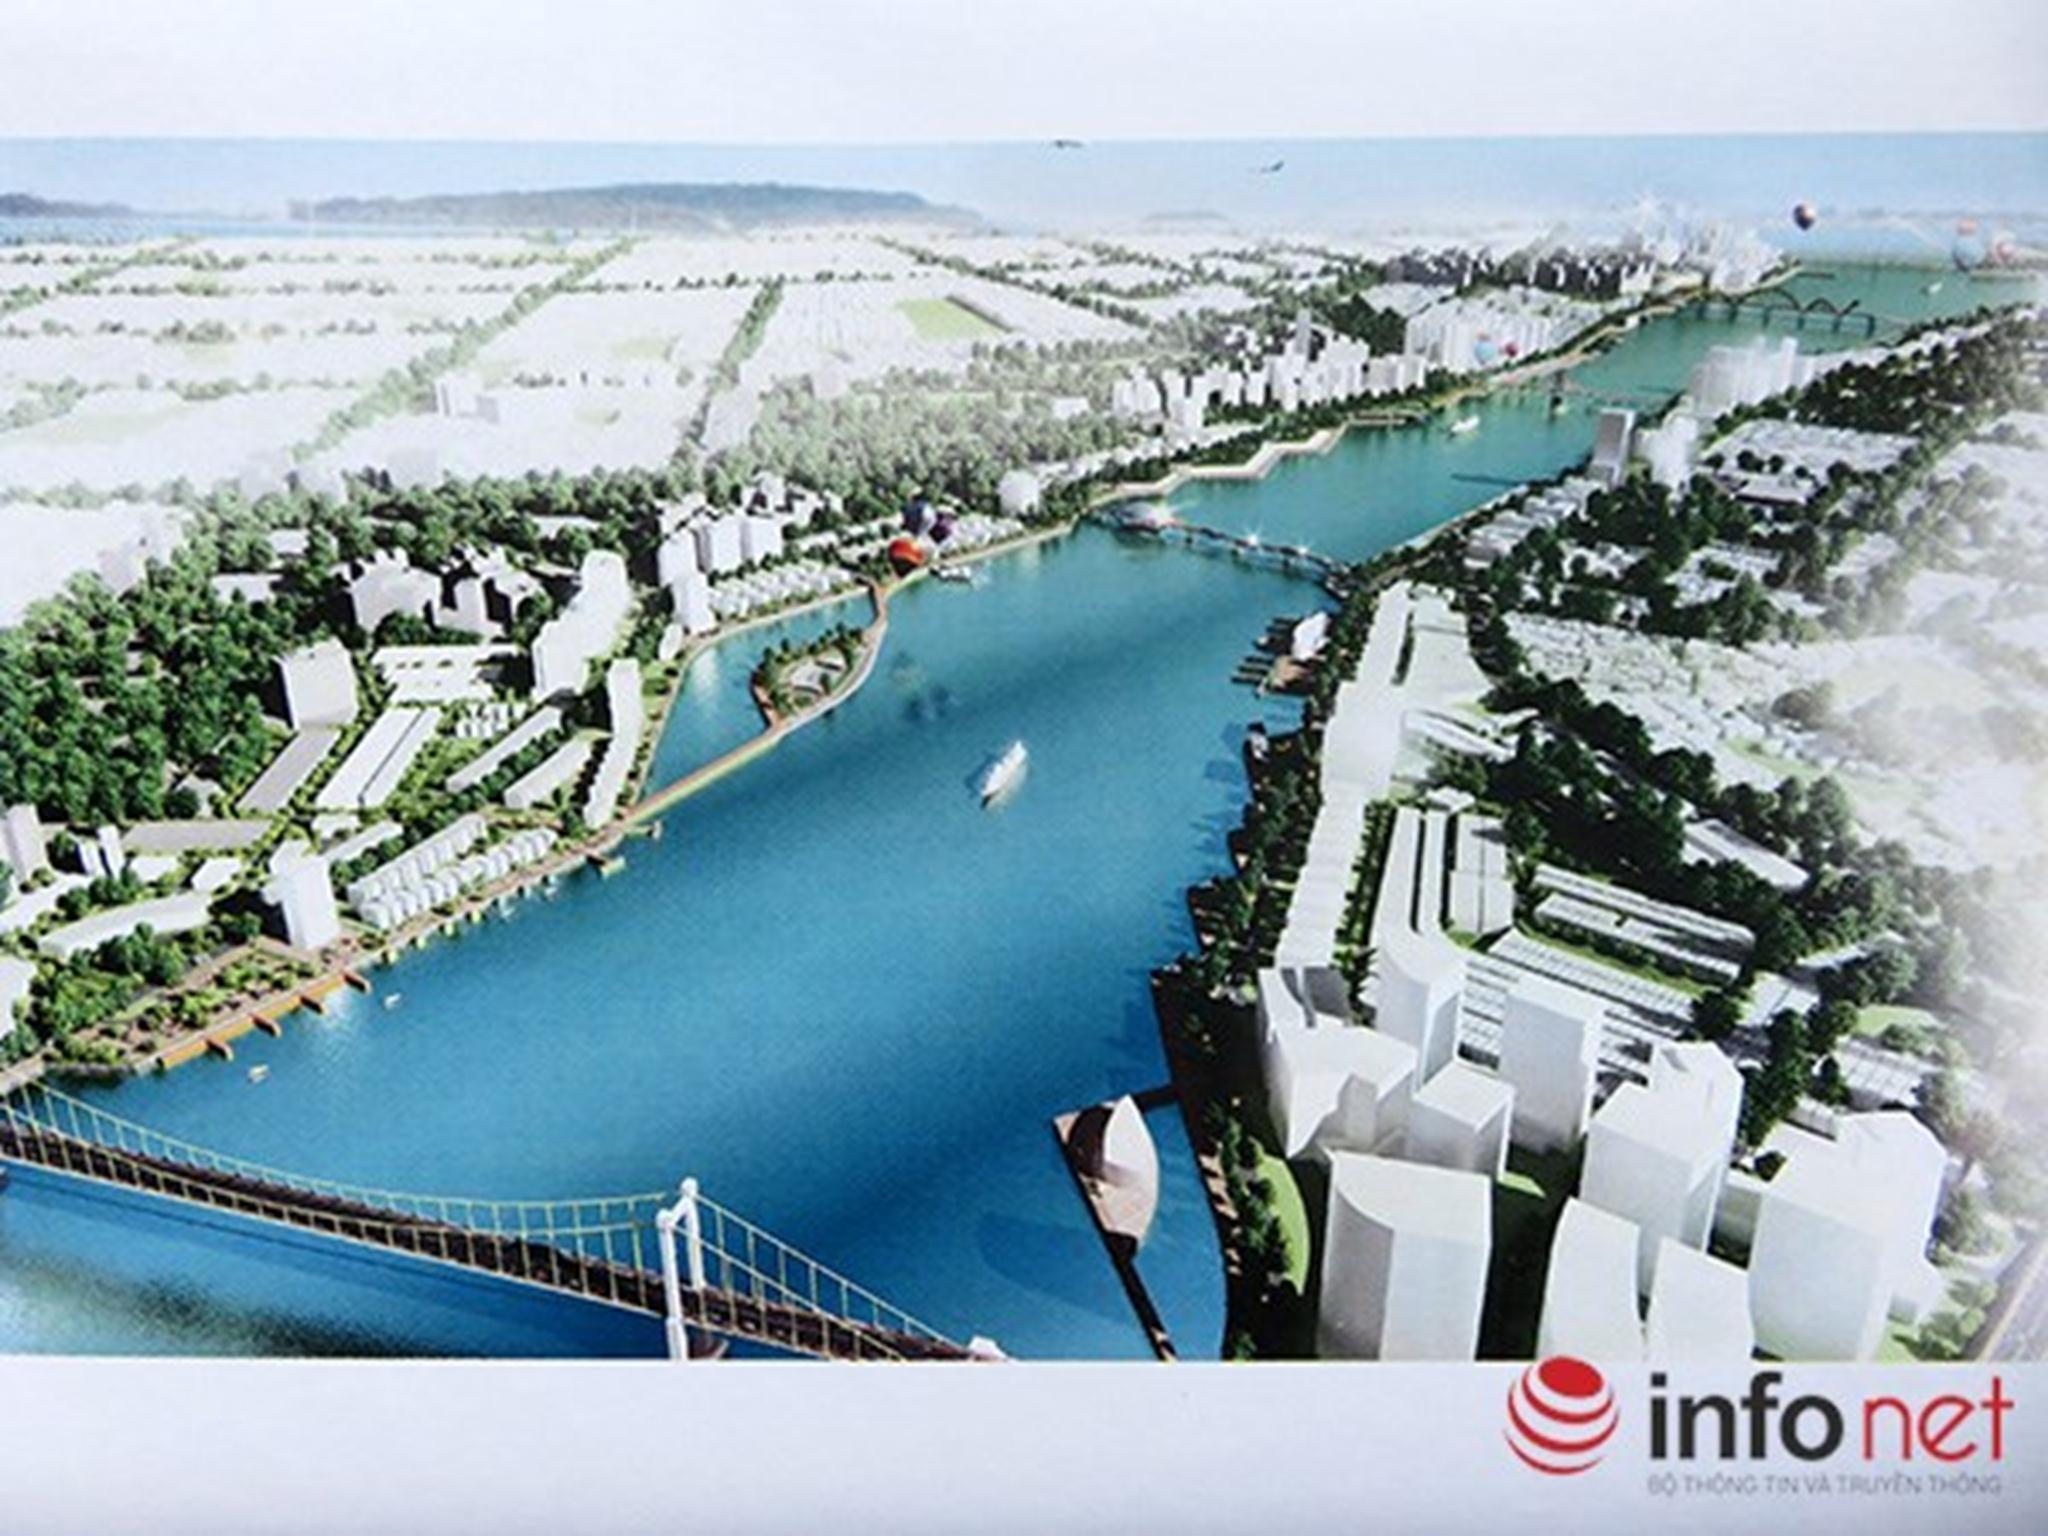 Phối cảnh quy hoạch bờ Đông sông Hàn nhìn từ phía cầu Thuận Phước Xem thêm tại : http://www.danang43.com/da-nang-lay-y-kien-gioi-chuyen-mon-va-nguoi-dan-ve-quy-hoach-song-han-p4451.html